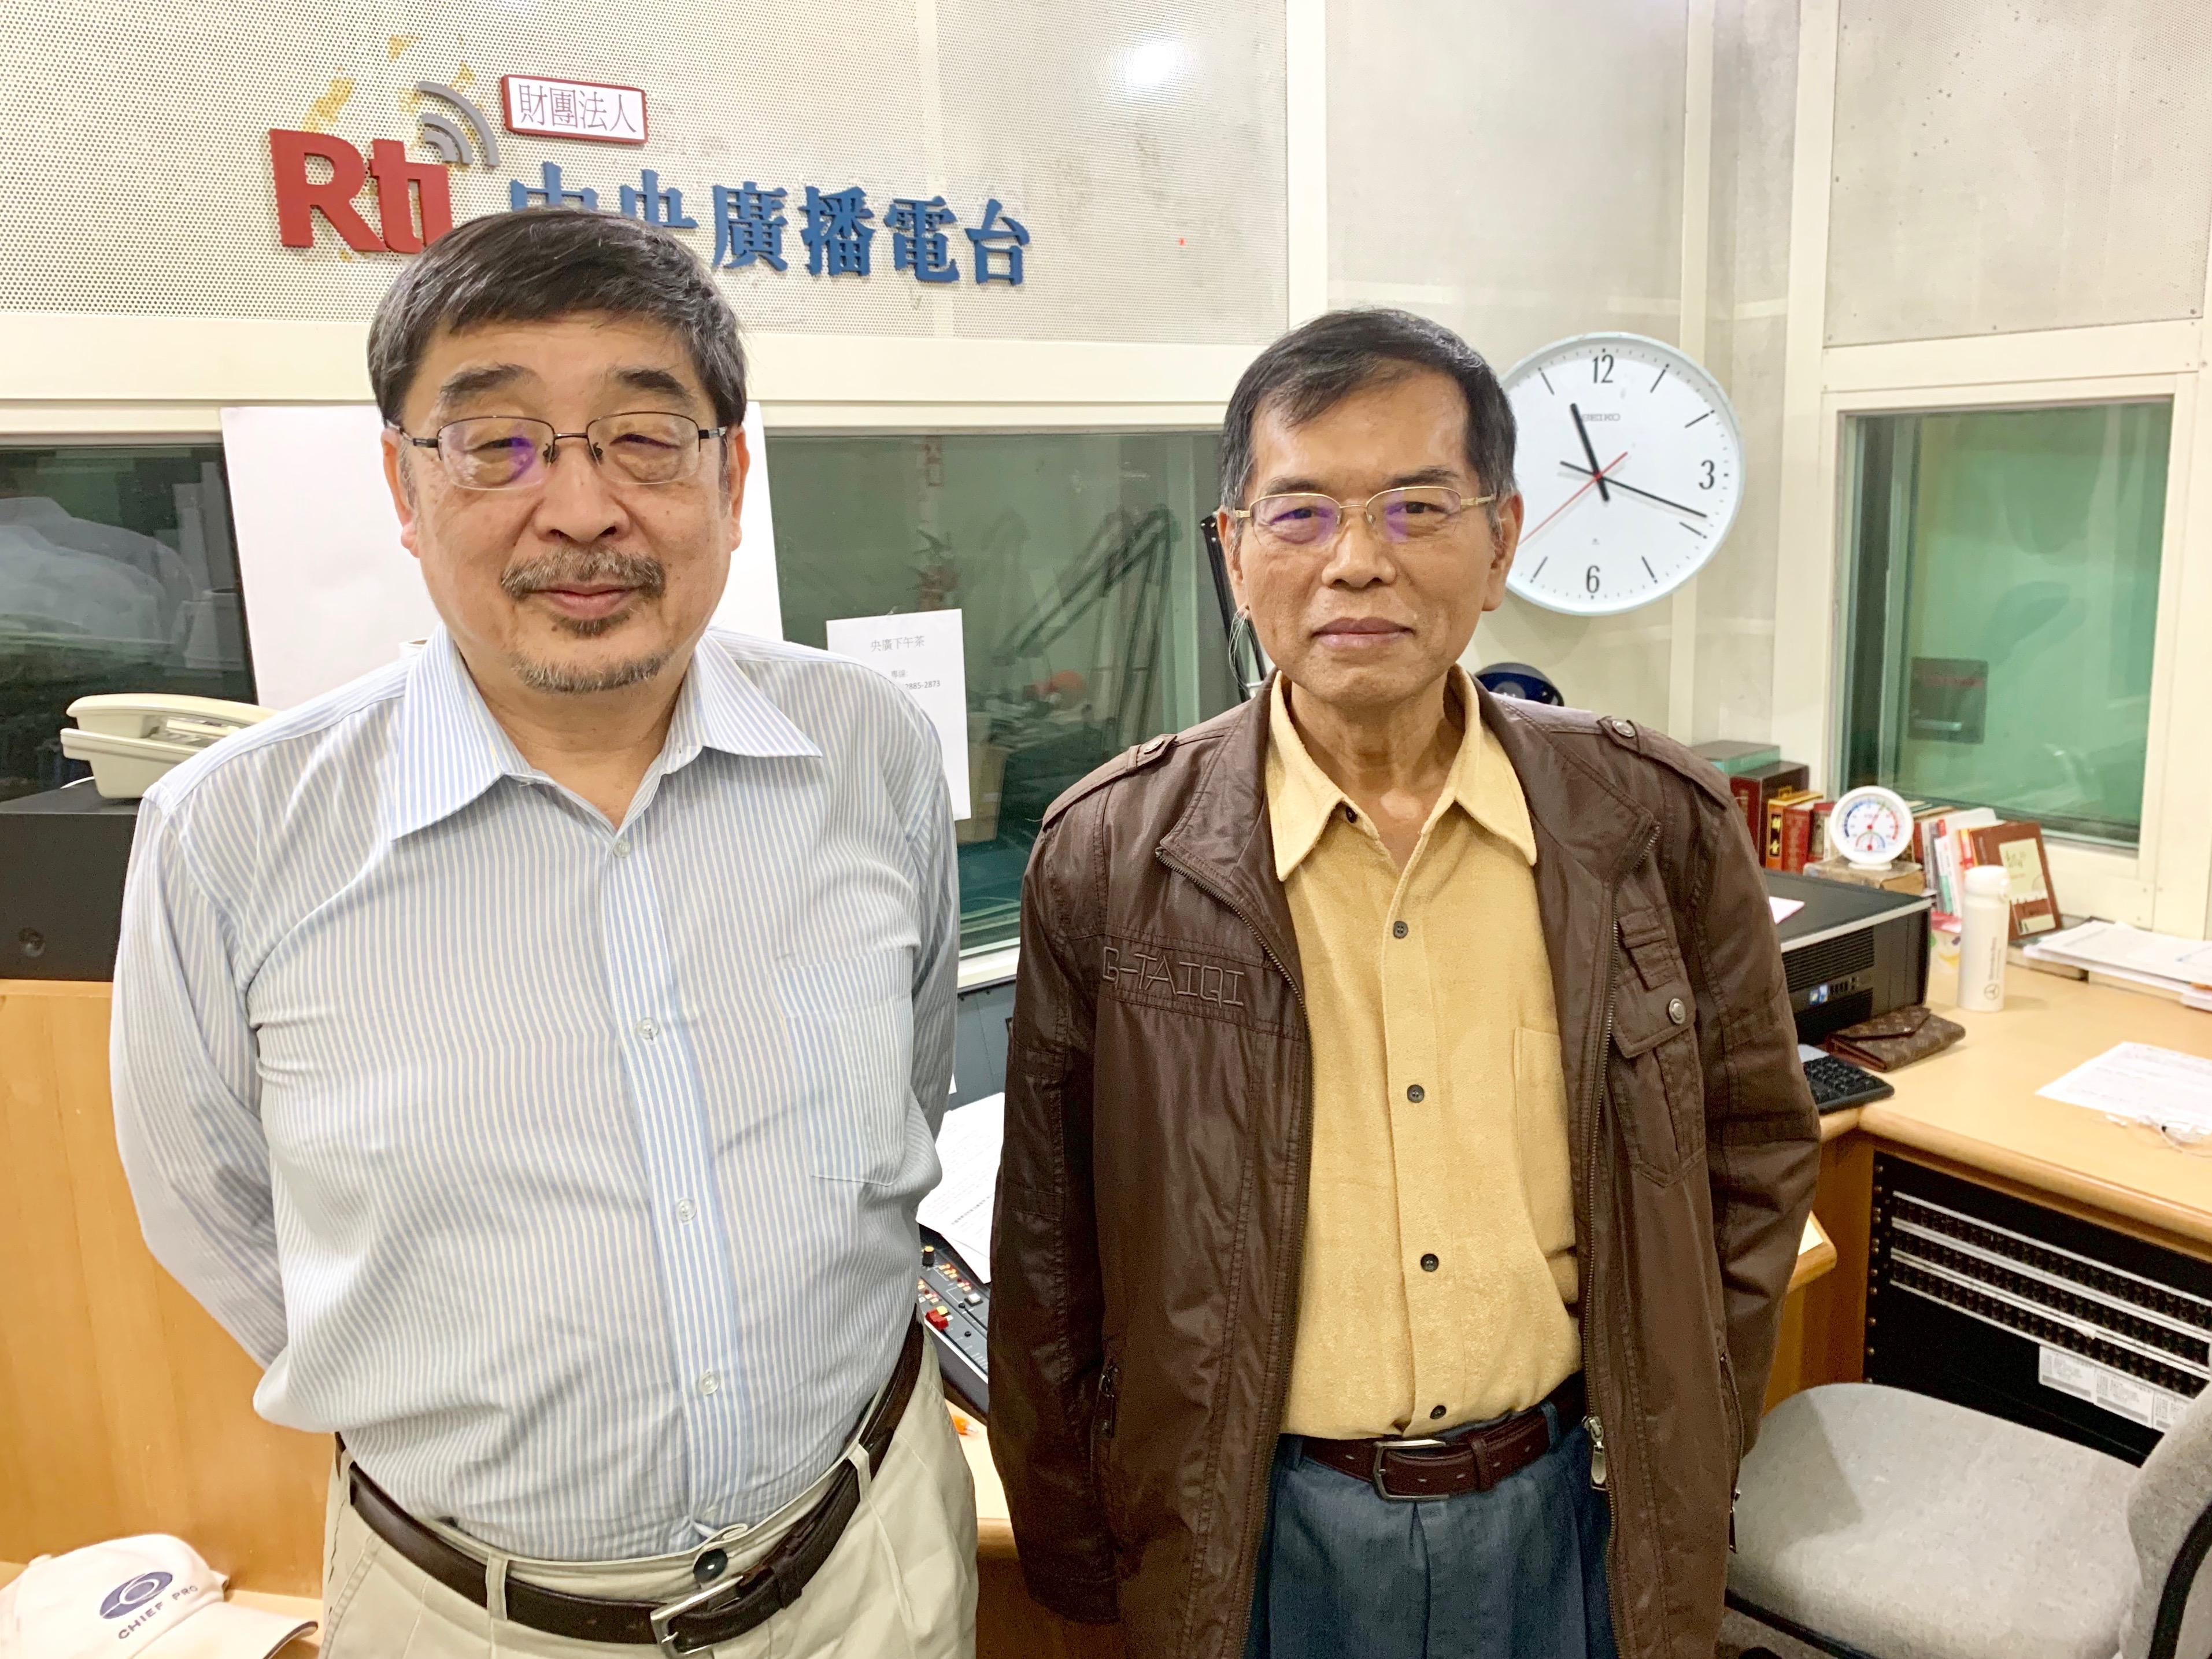 台灣選後政情分析(下)